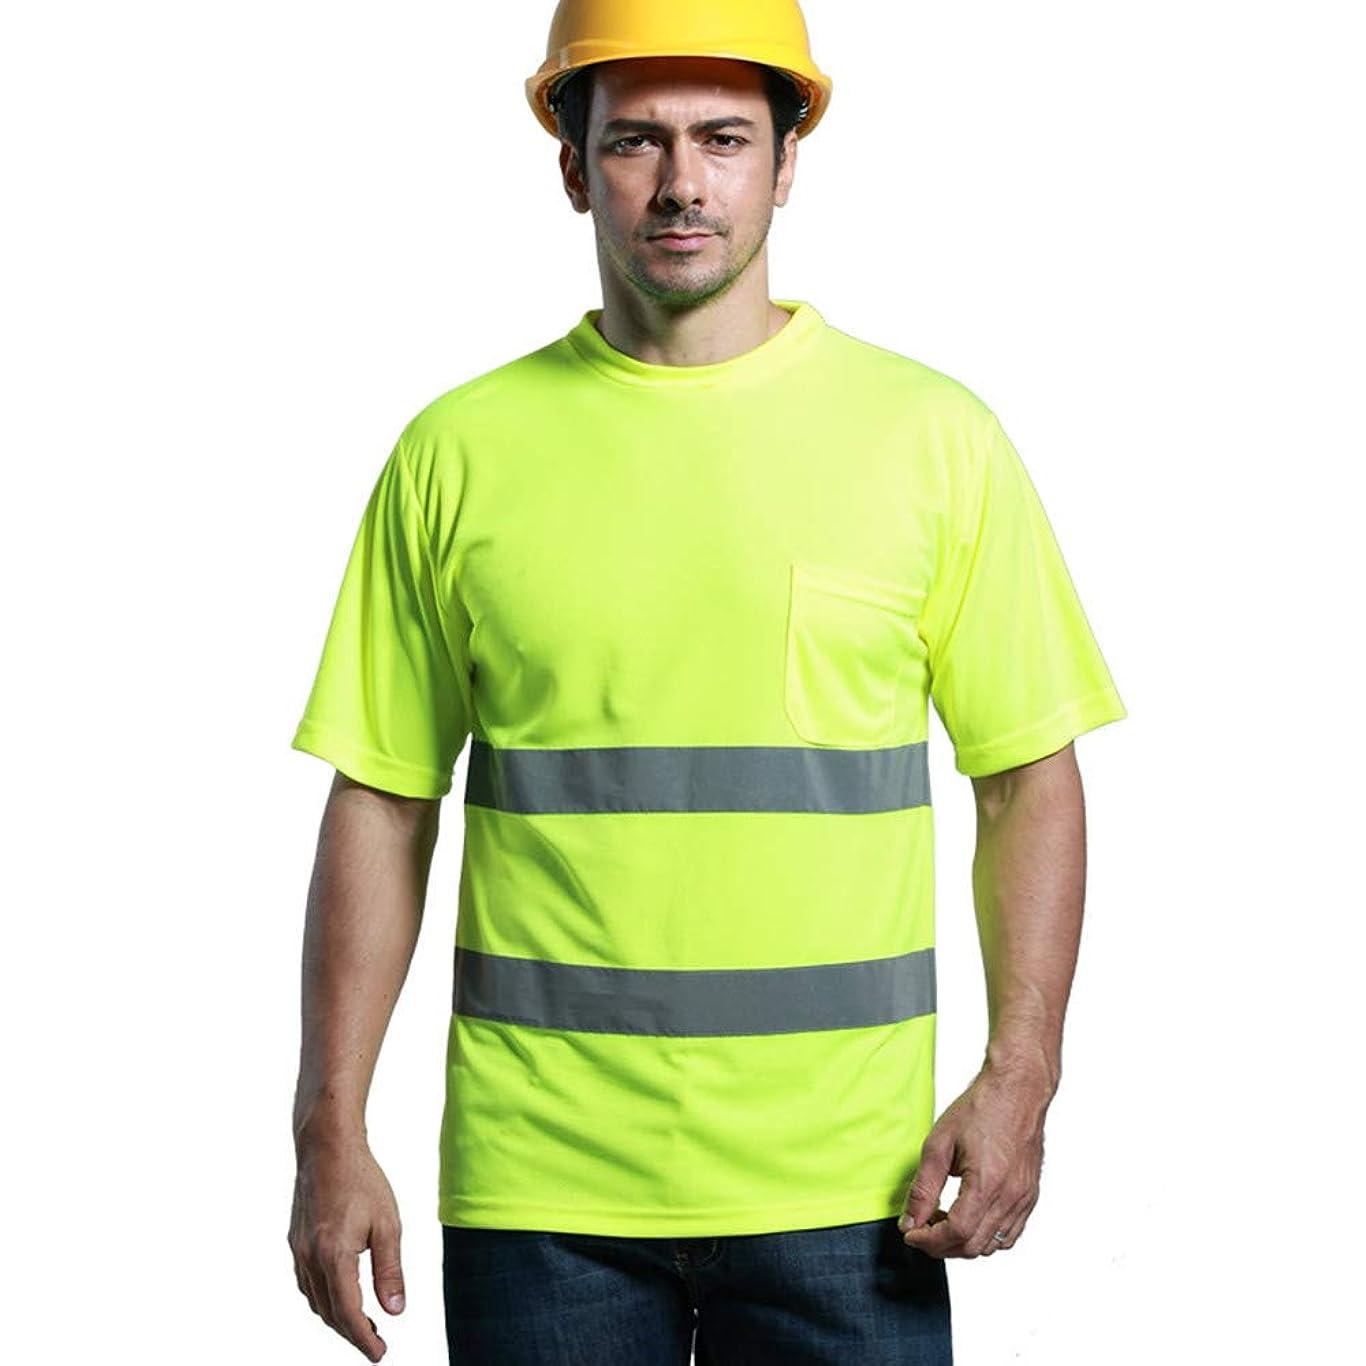 郡平野優勢安全反射ベスト リフレクティブ?セーフティ?ジャケット、イエロー?ハイ?ビジョン?セイフティ?ベスト?ジャケット?セーフティ?ベスト?リフレクティブ?ストリップノースリーブ?アウトドア?アクティビティ (色 : 緑, サイズ : Large)